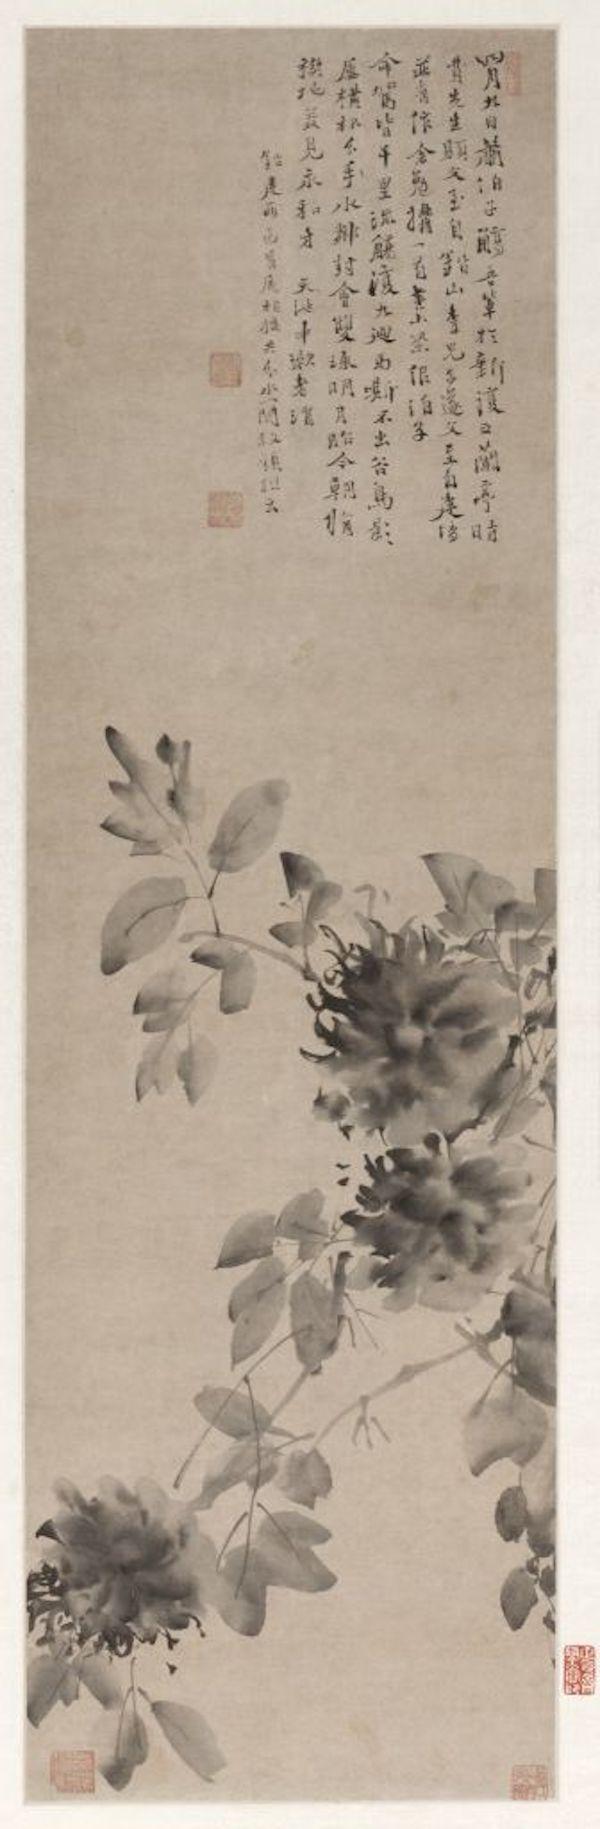 明 徐渭 《水墨牡丹图》轴 纸本墨笔 故宫博物院藏